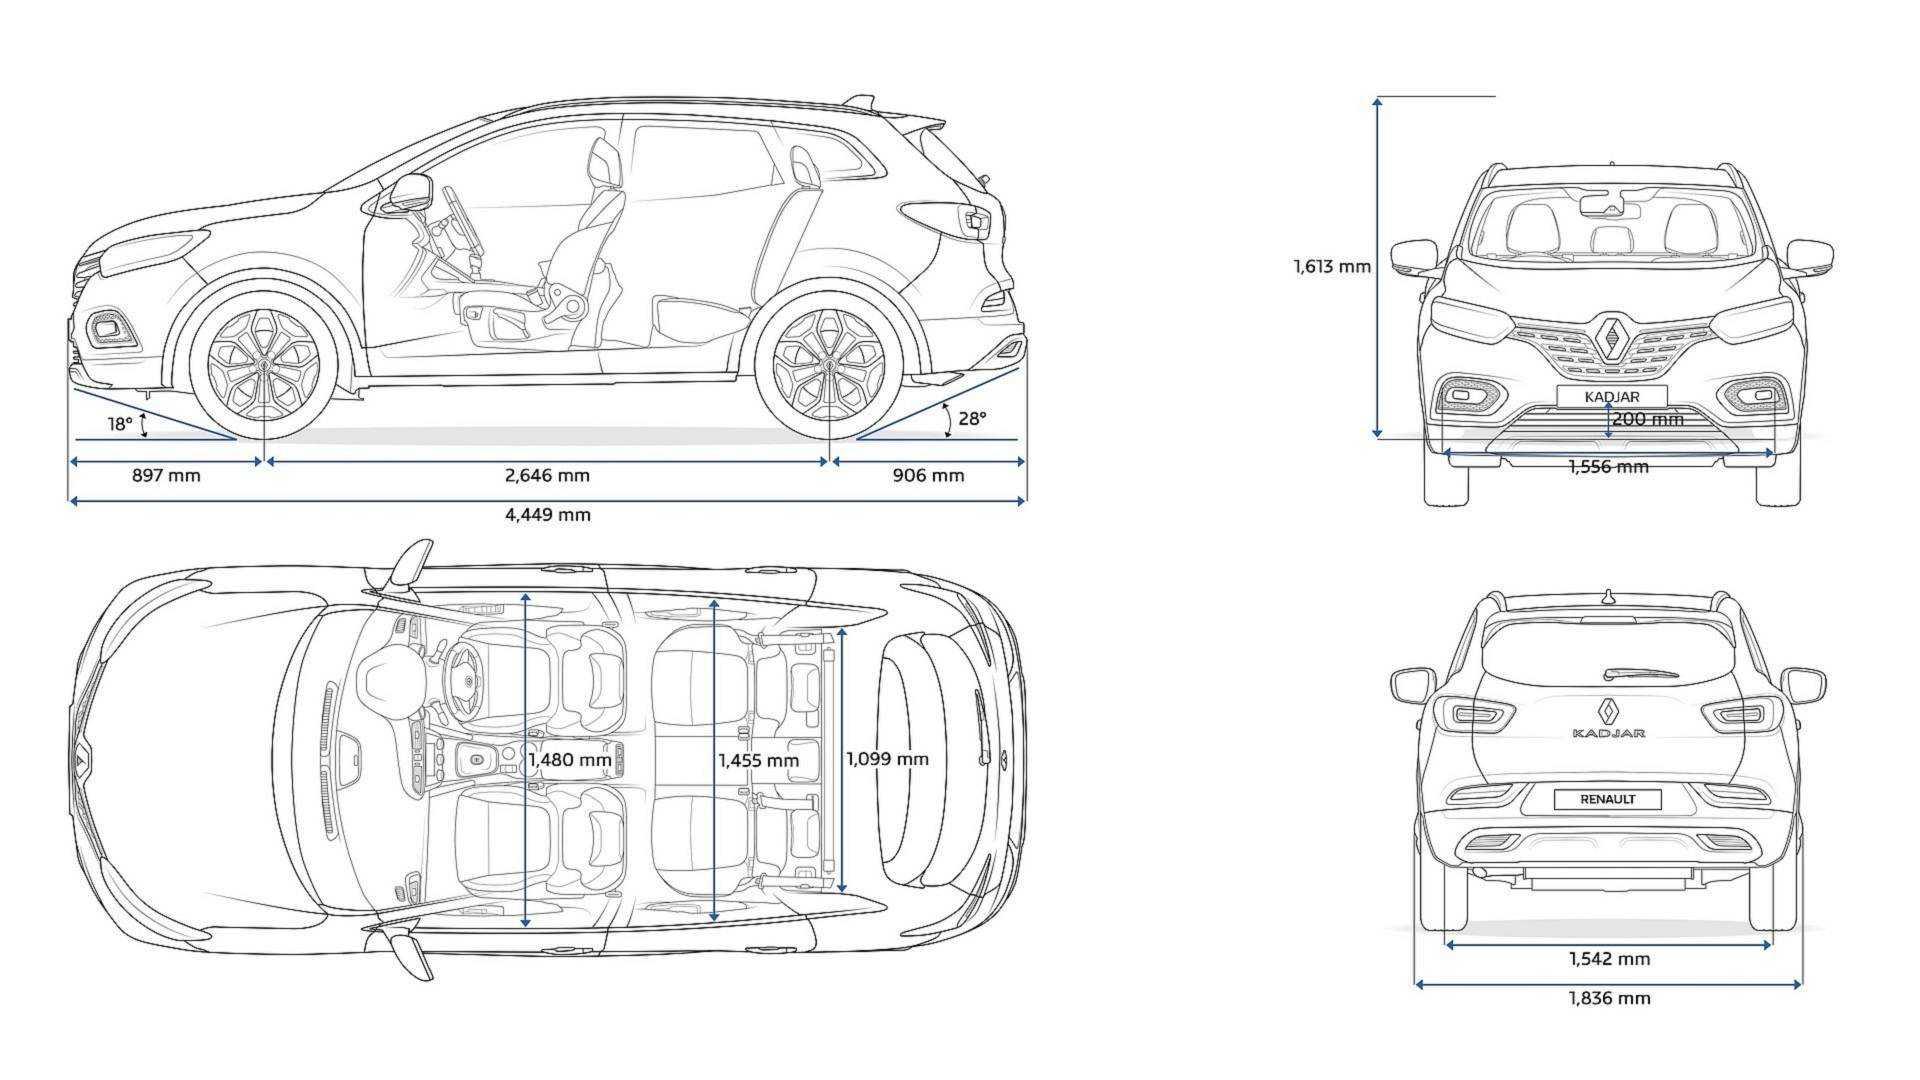 Irmão maior do Captur, Renault Kadjar atualiza visual e